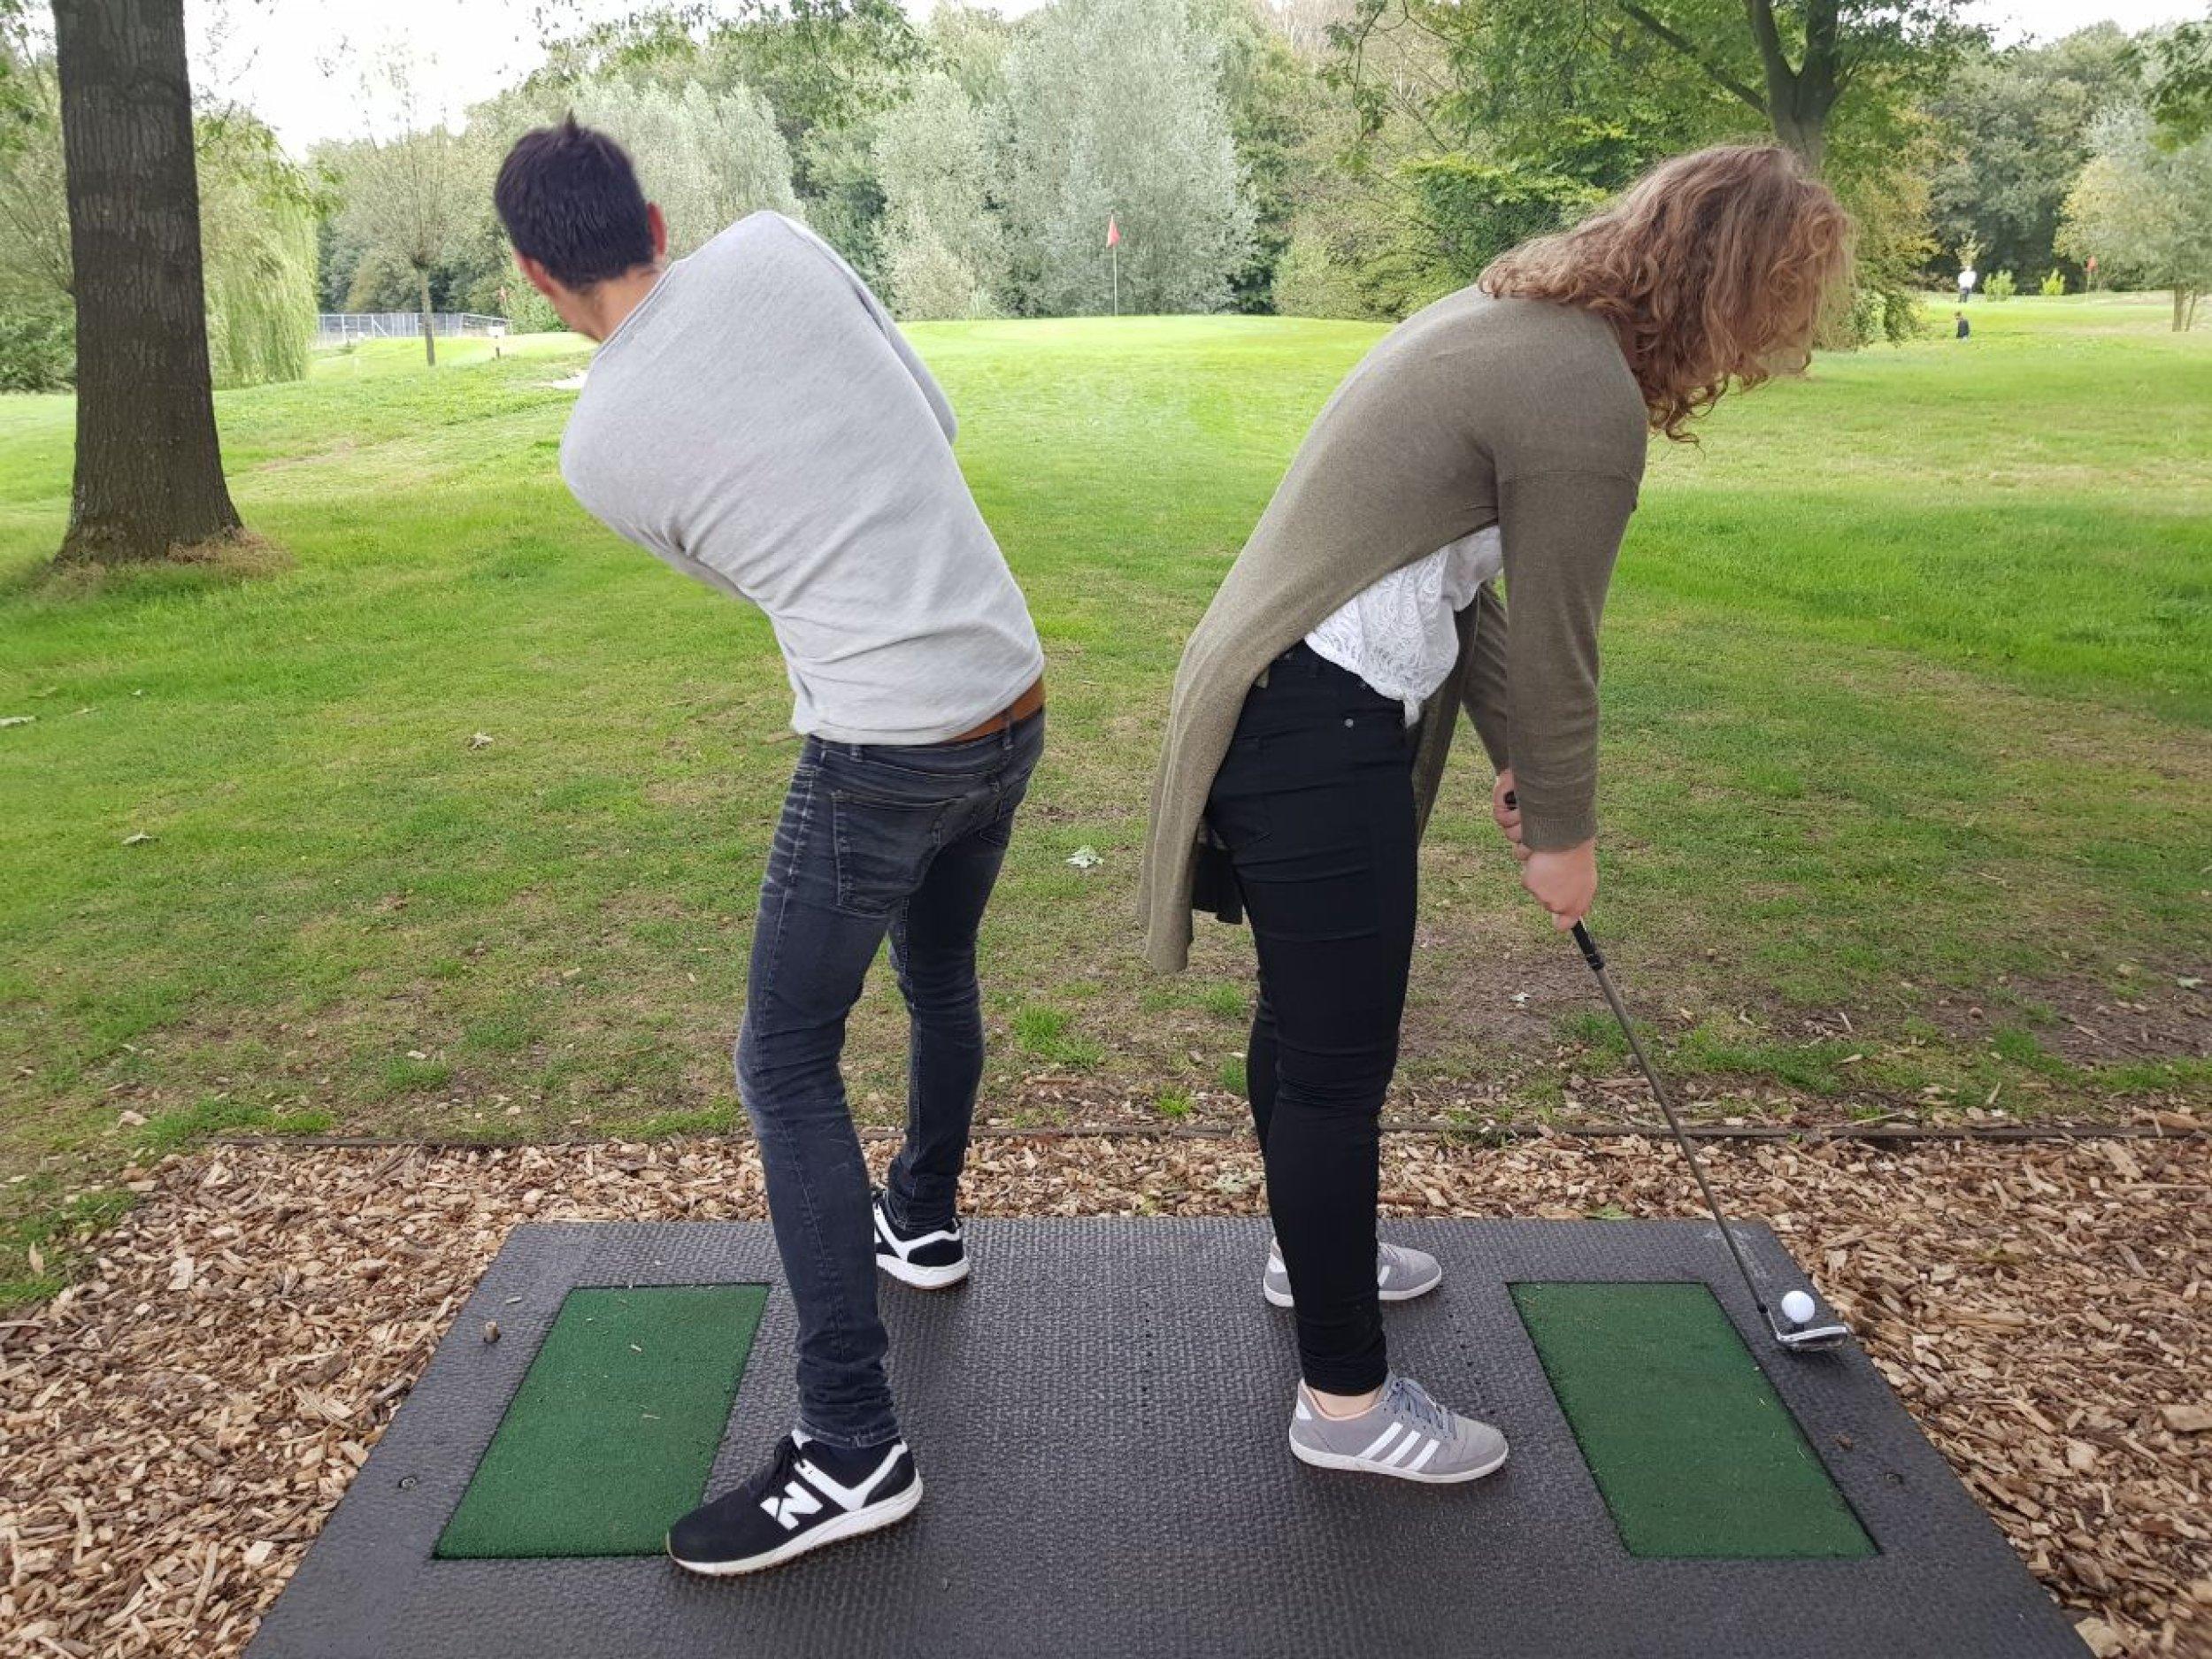 golfen-pitch-putt-golf